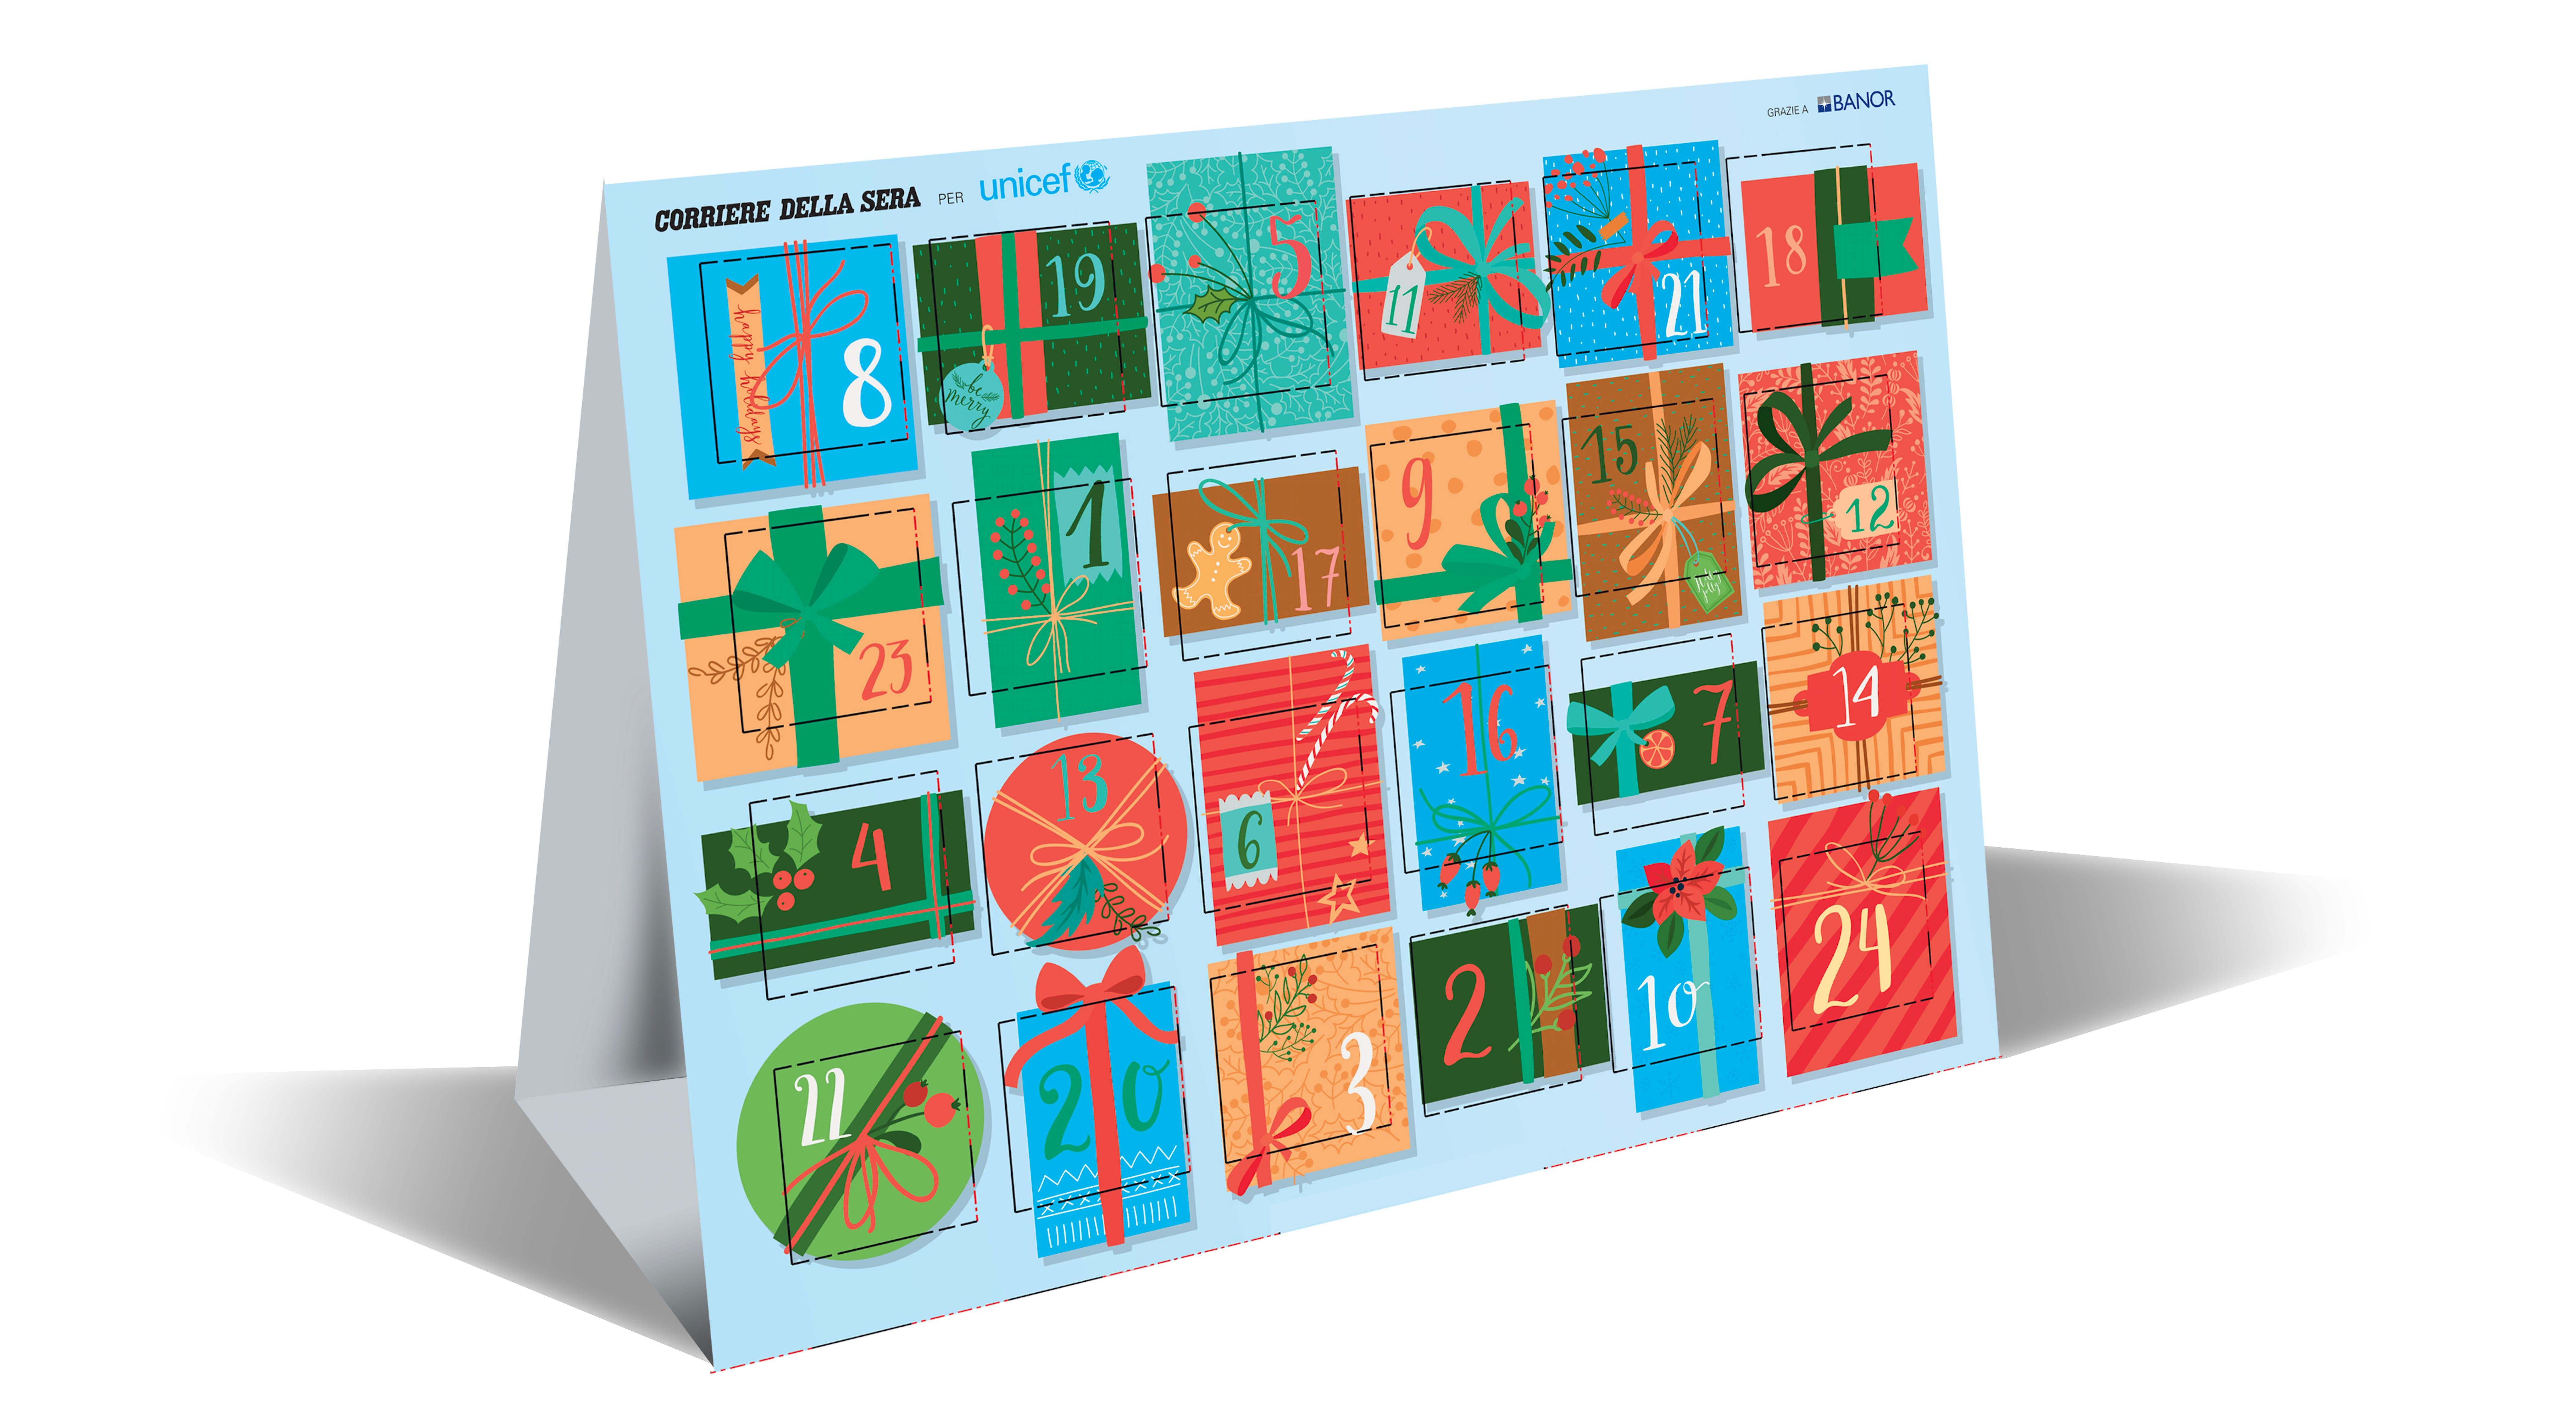 Calendario dell'Avvento - Corriere della Sera per UNICEF